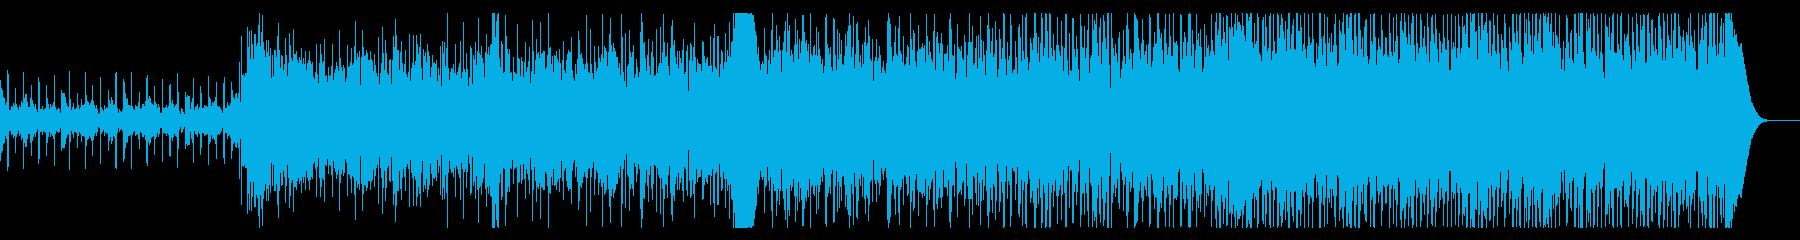 ノイジーなシネマティックIDMの再生済みの波形